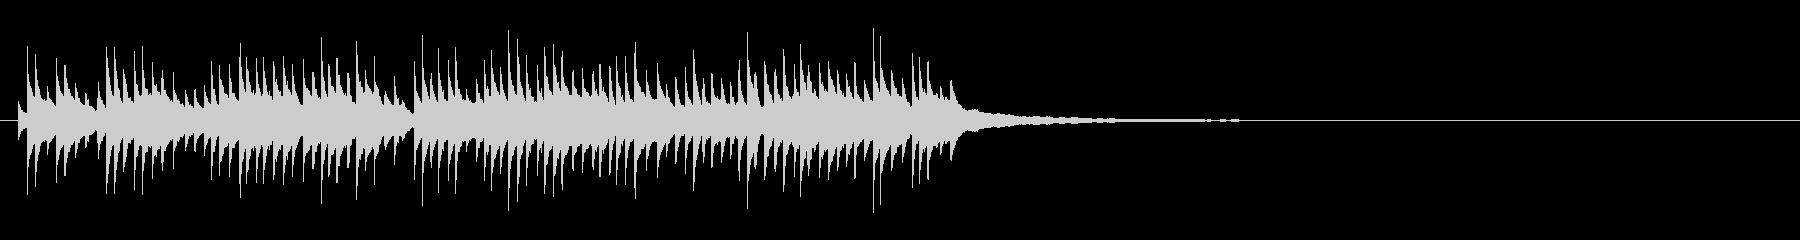 ラージブラスベル:ロングリングベルの未再生の波形